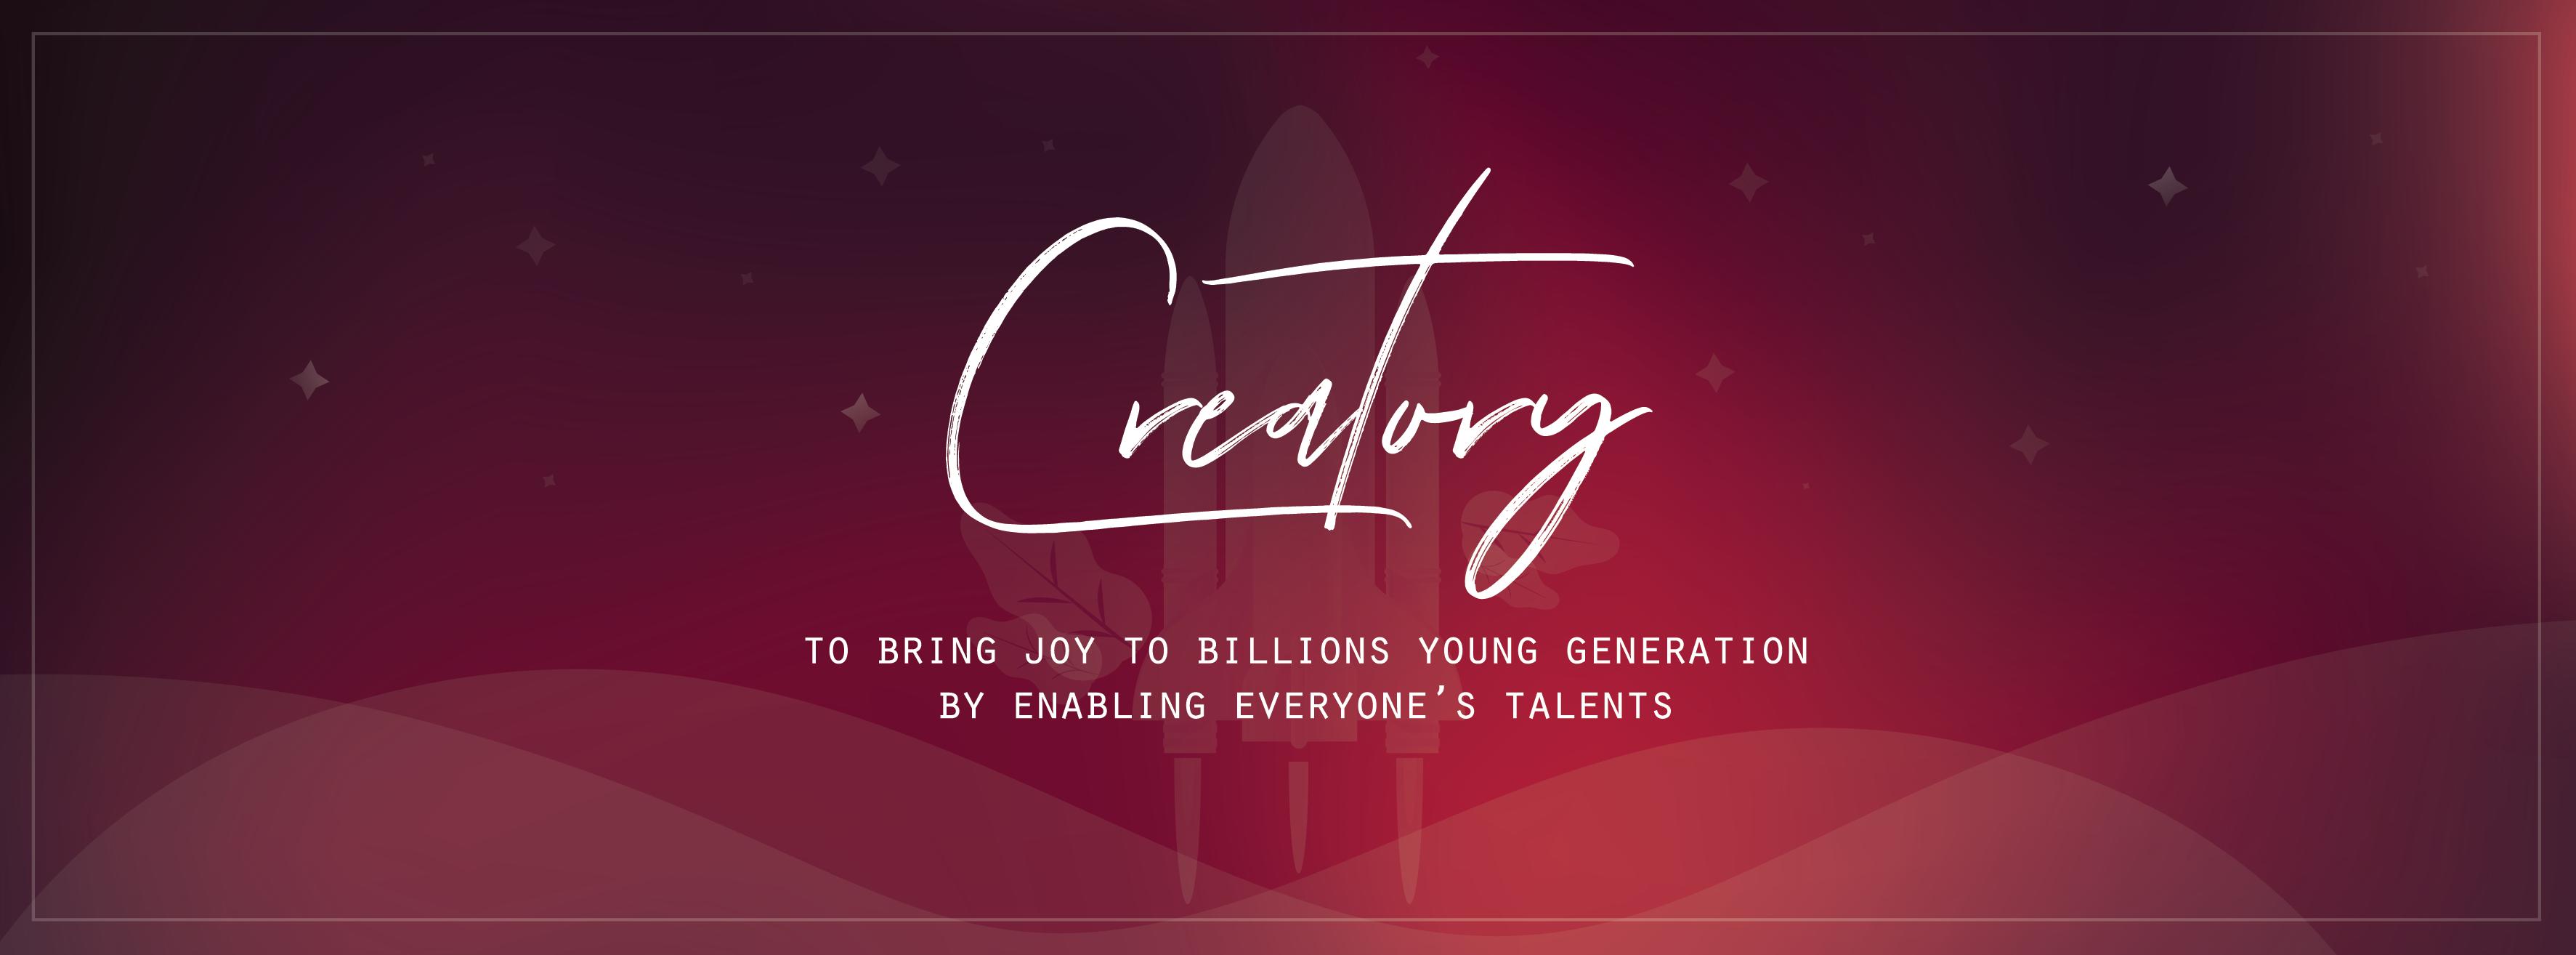 Jobs at CREATORY